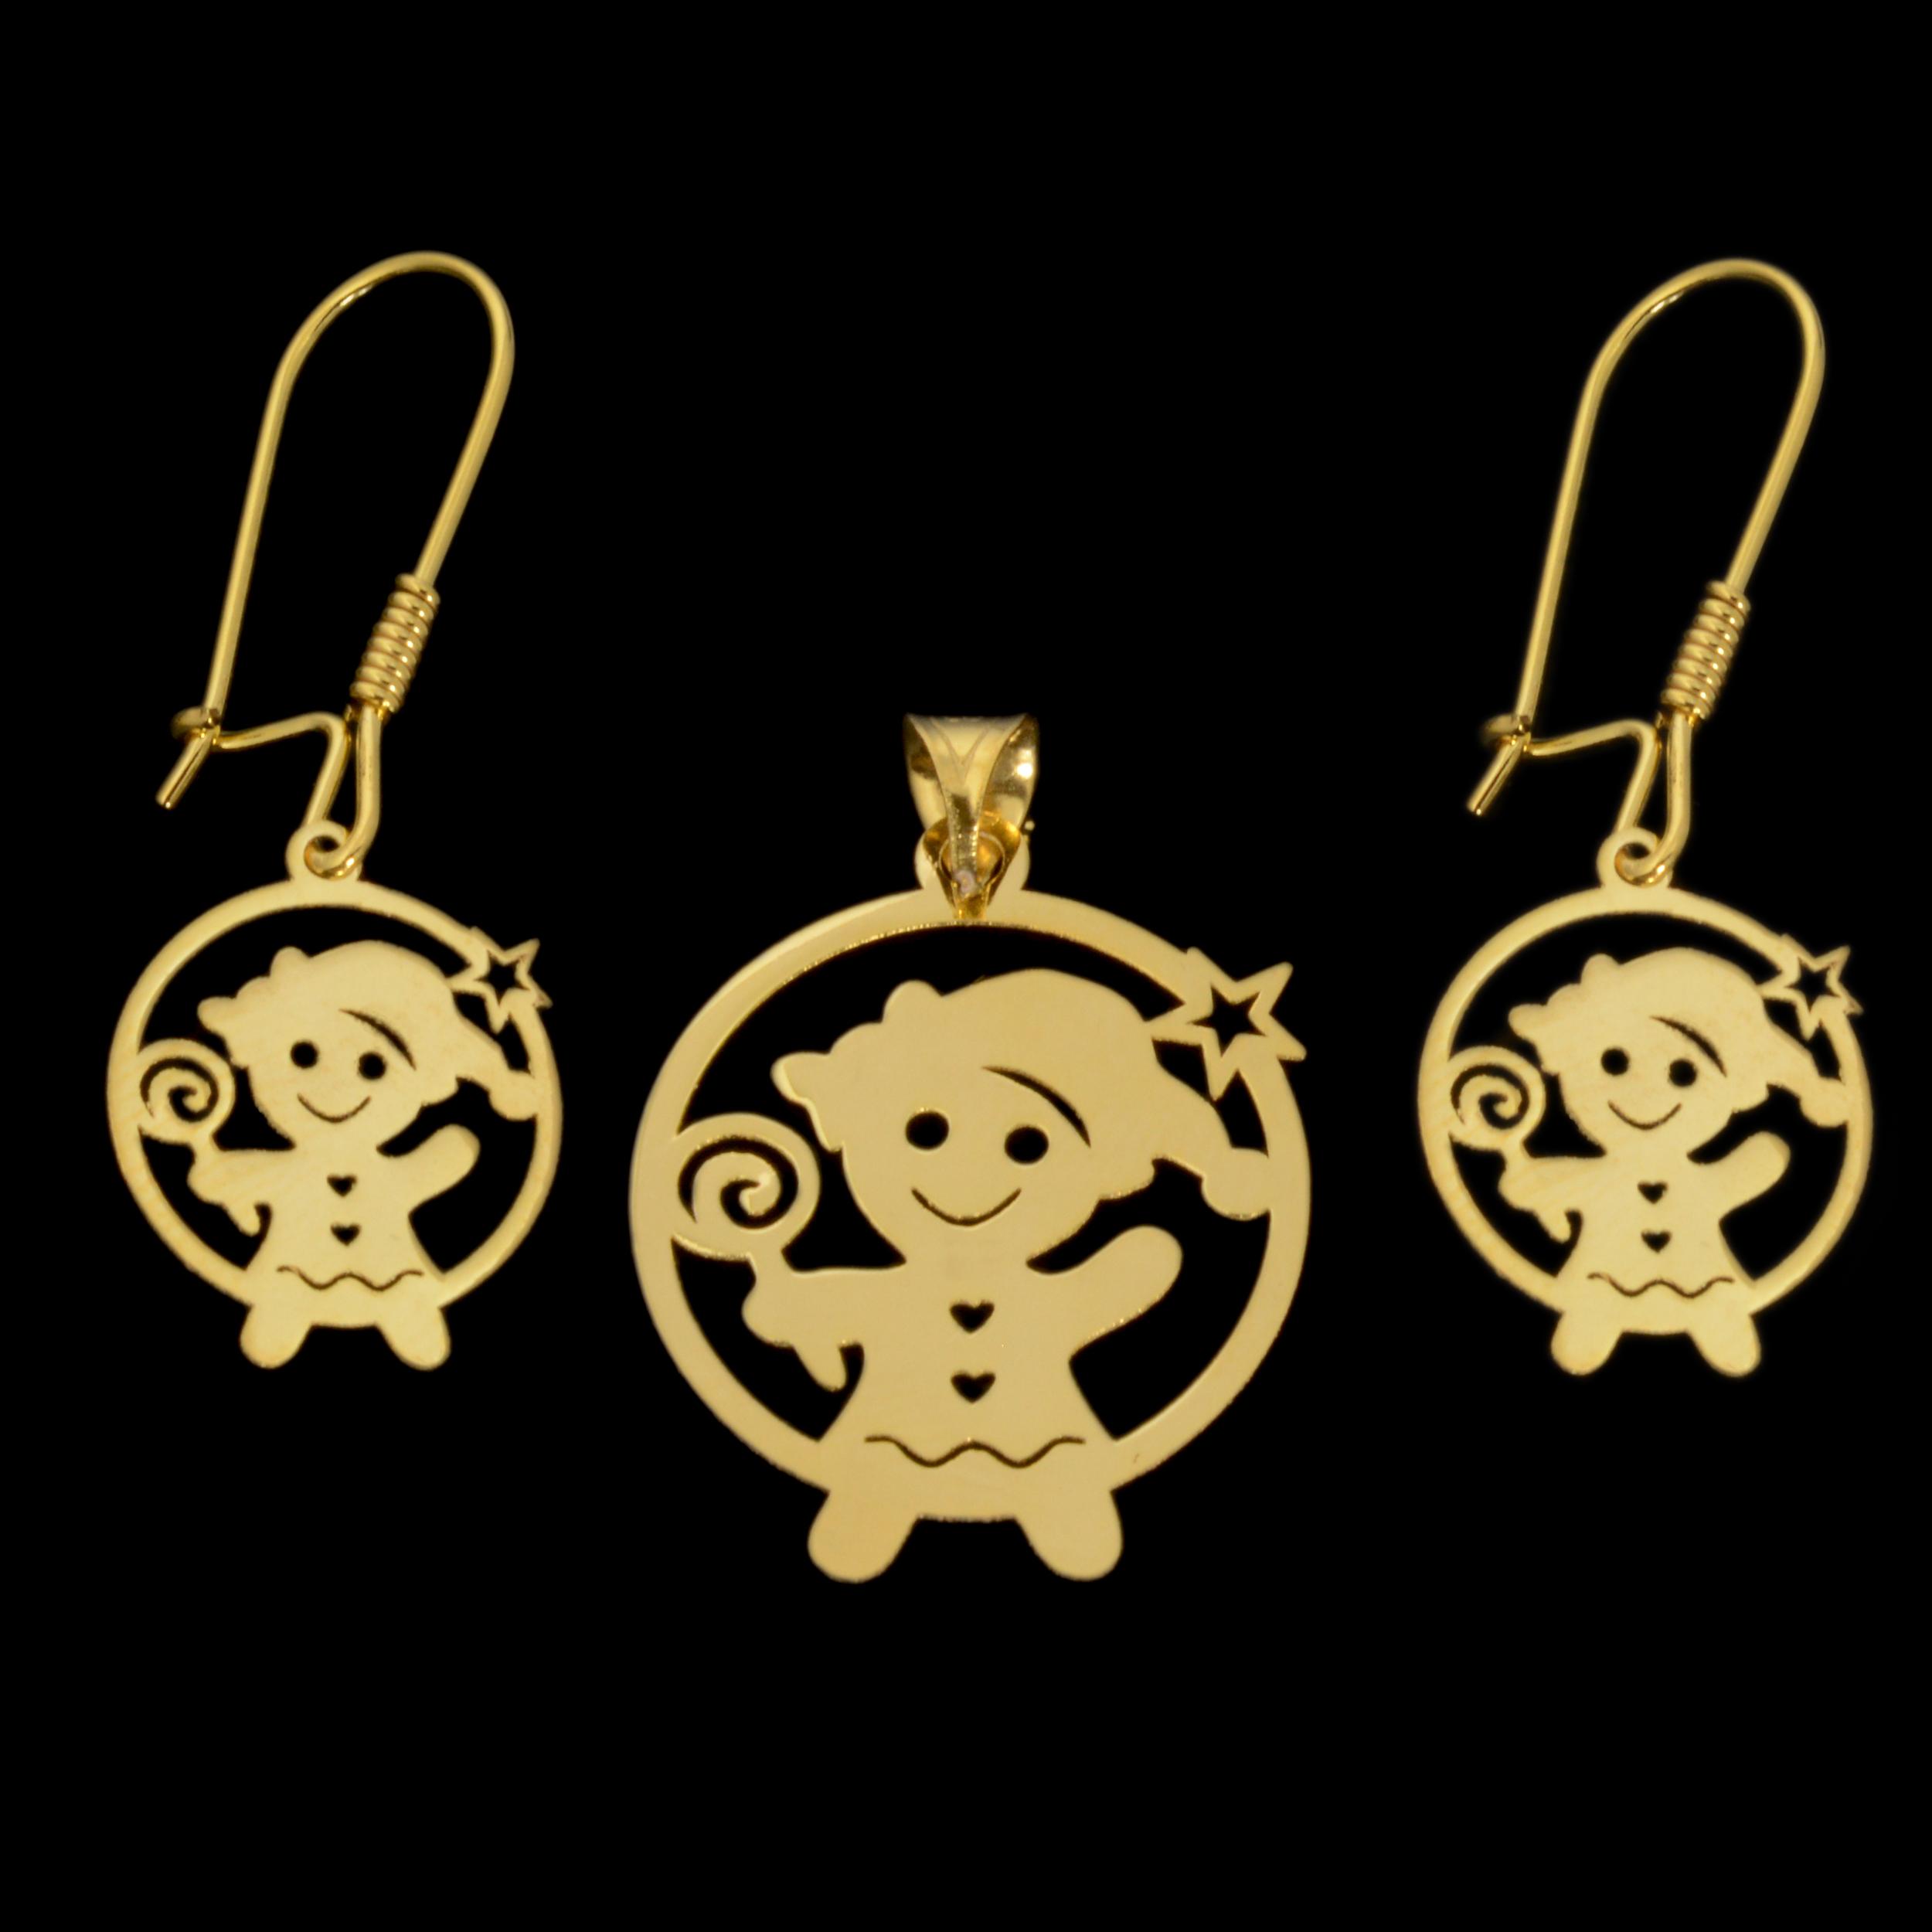 نیم ست طلا 18 عیار دخترانه طلای مستجابی مدل عروسکی کد 67117